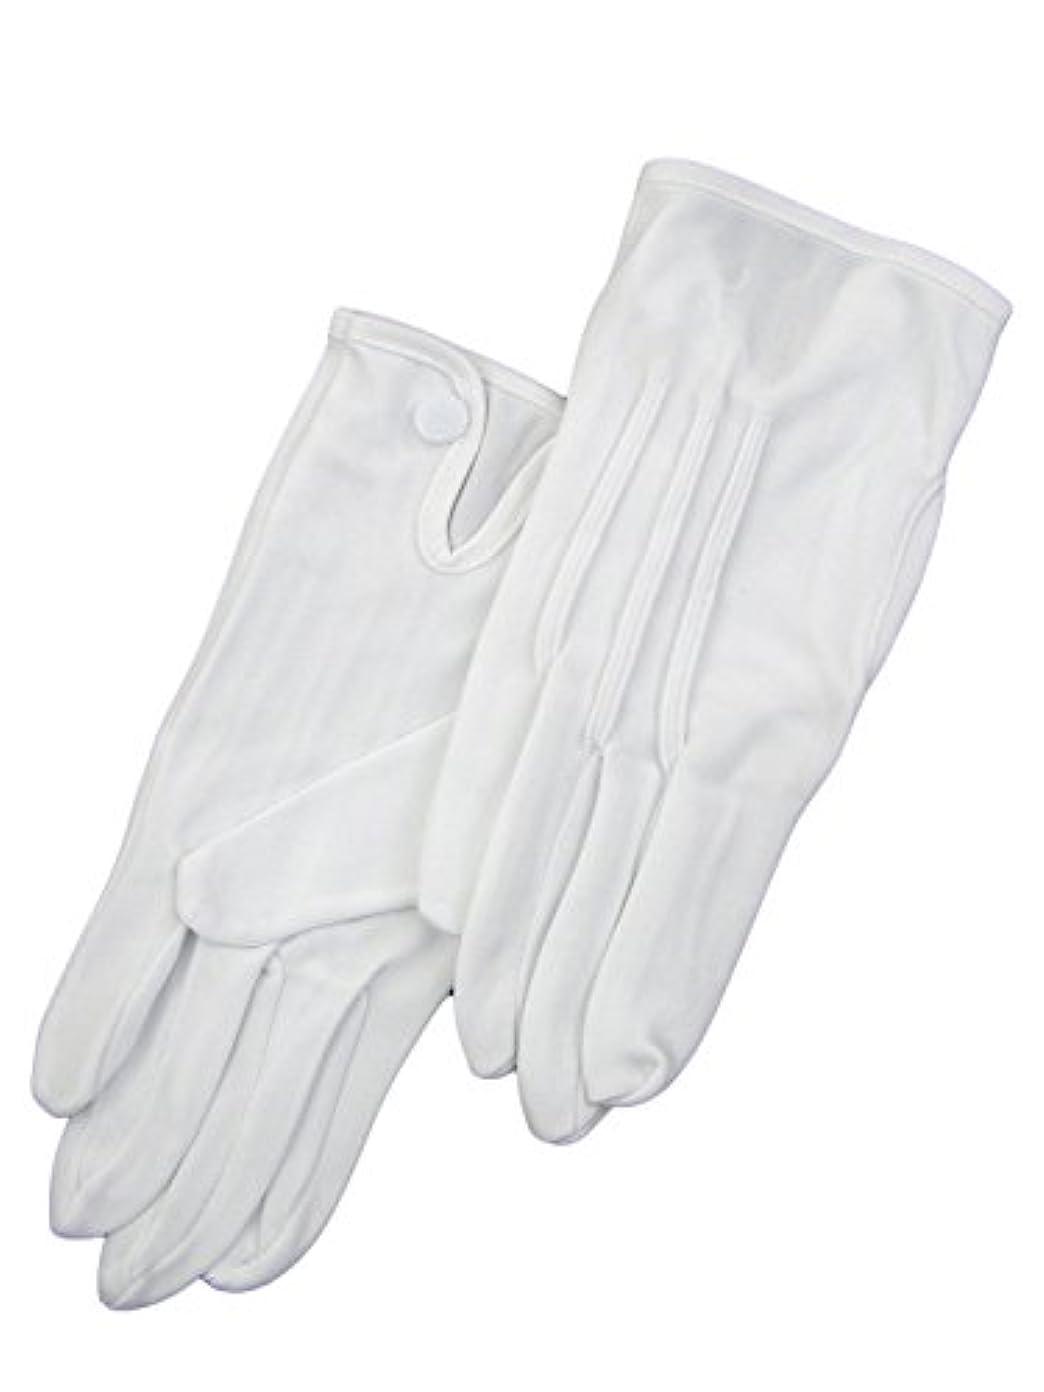 パール進むリズミカルな紳士白ナイロン手袋 105 シロ M